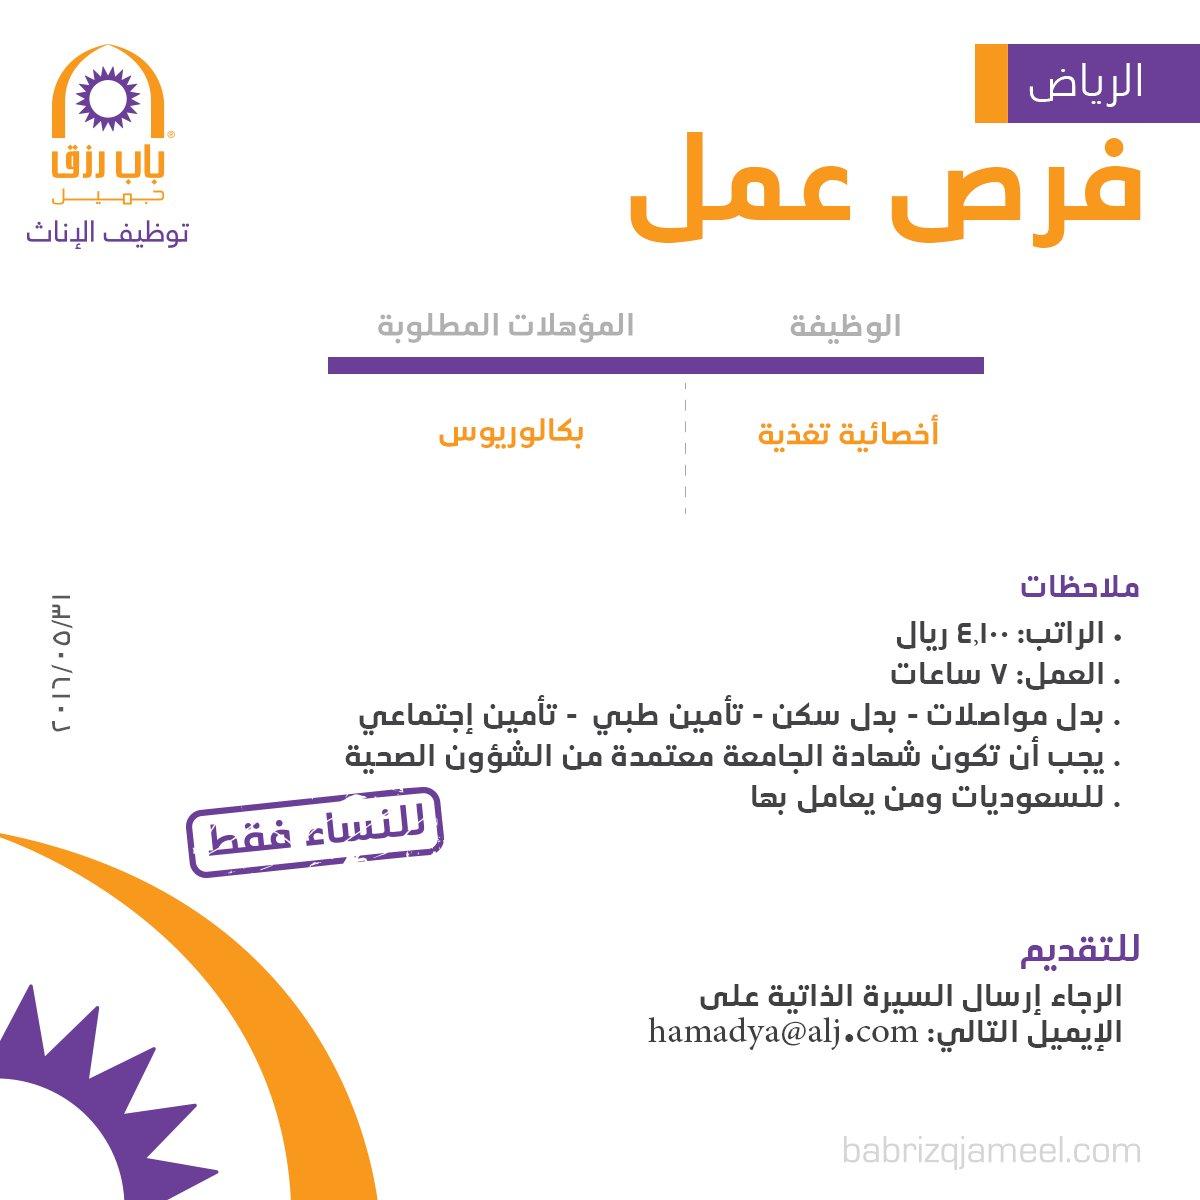 مطلوب أخصائية تغذية - الرياض